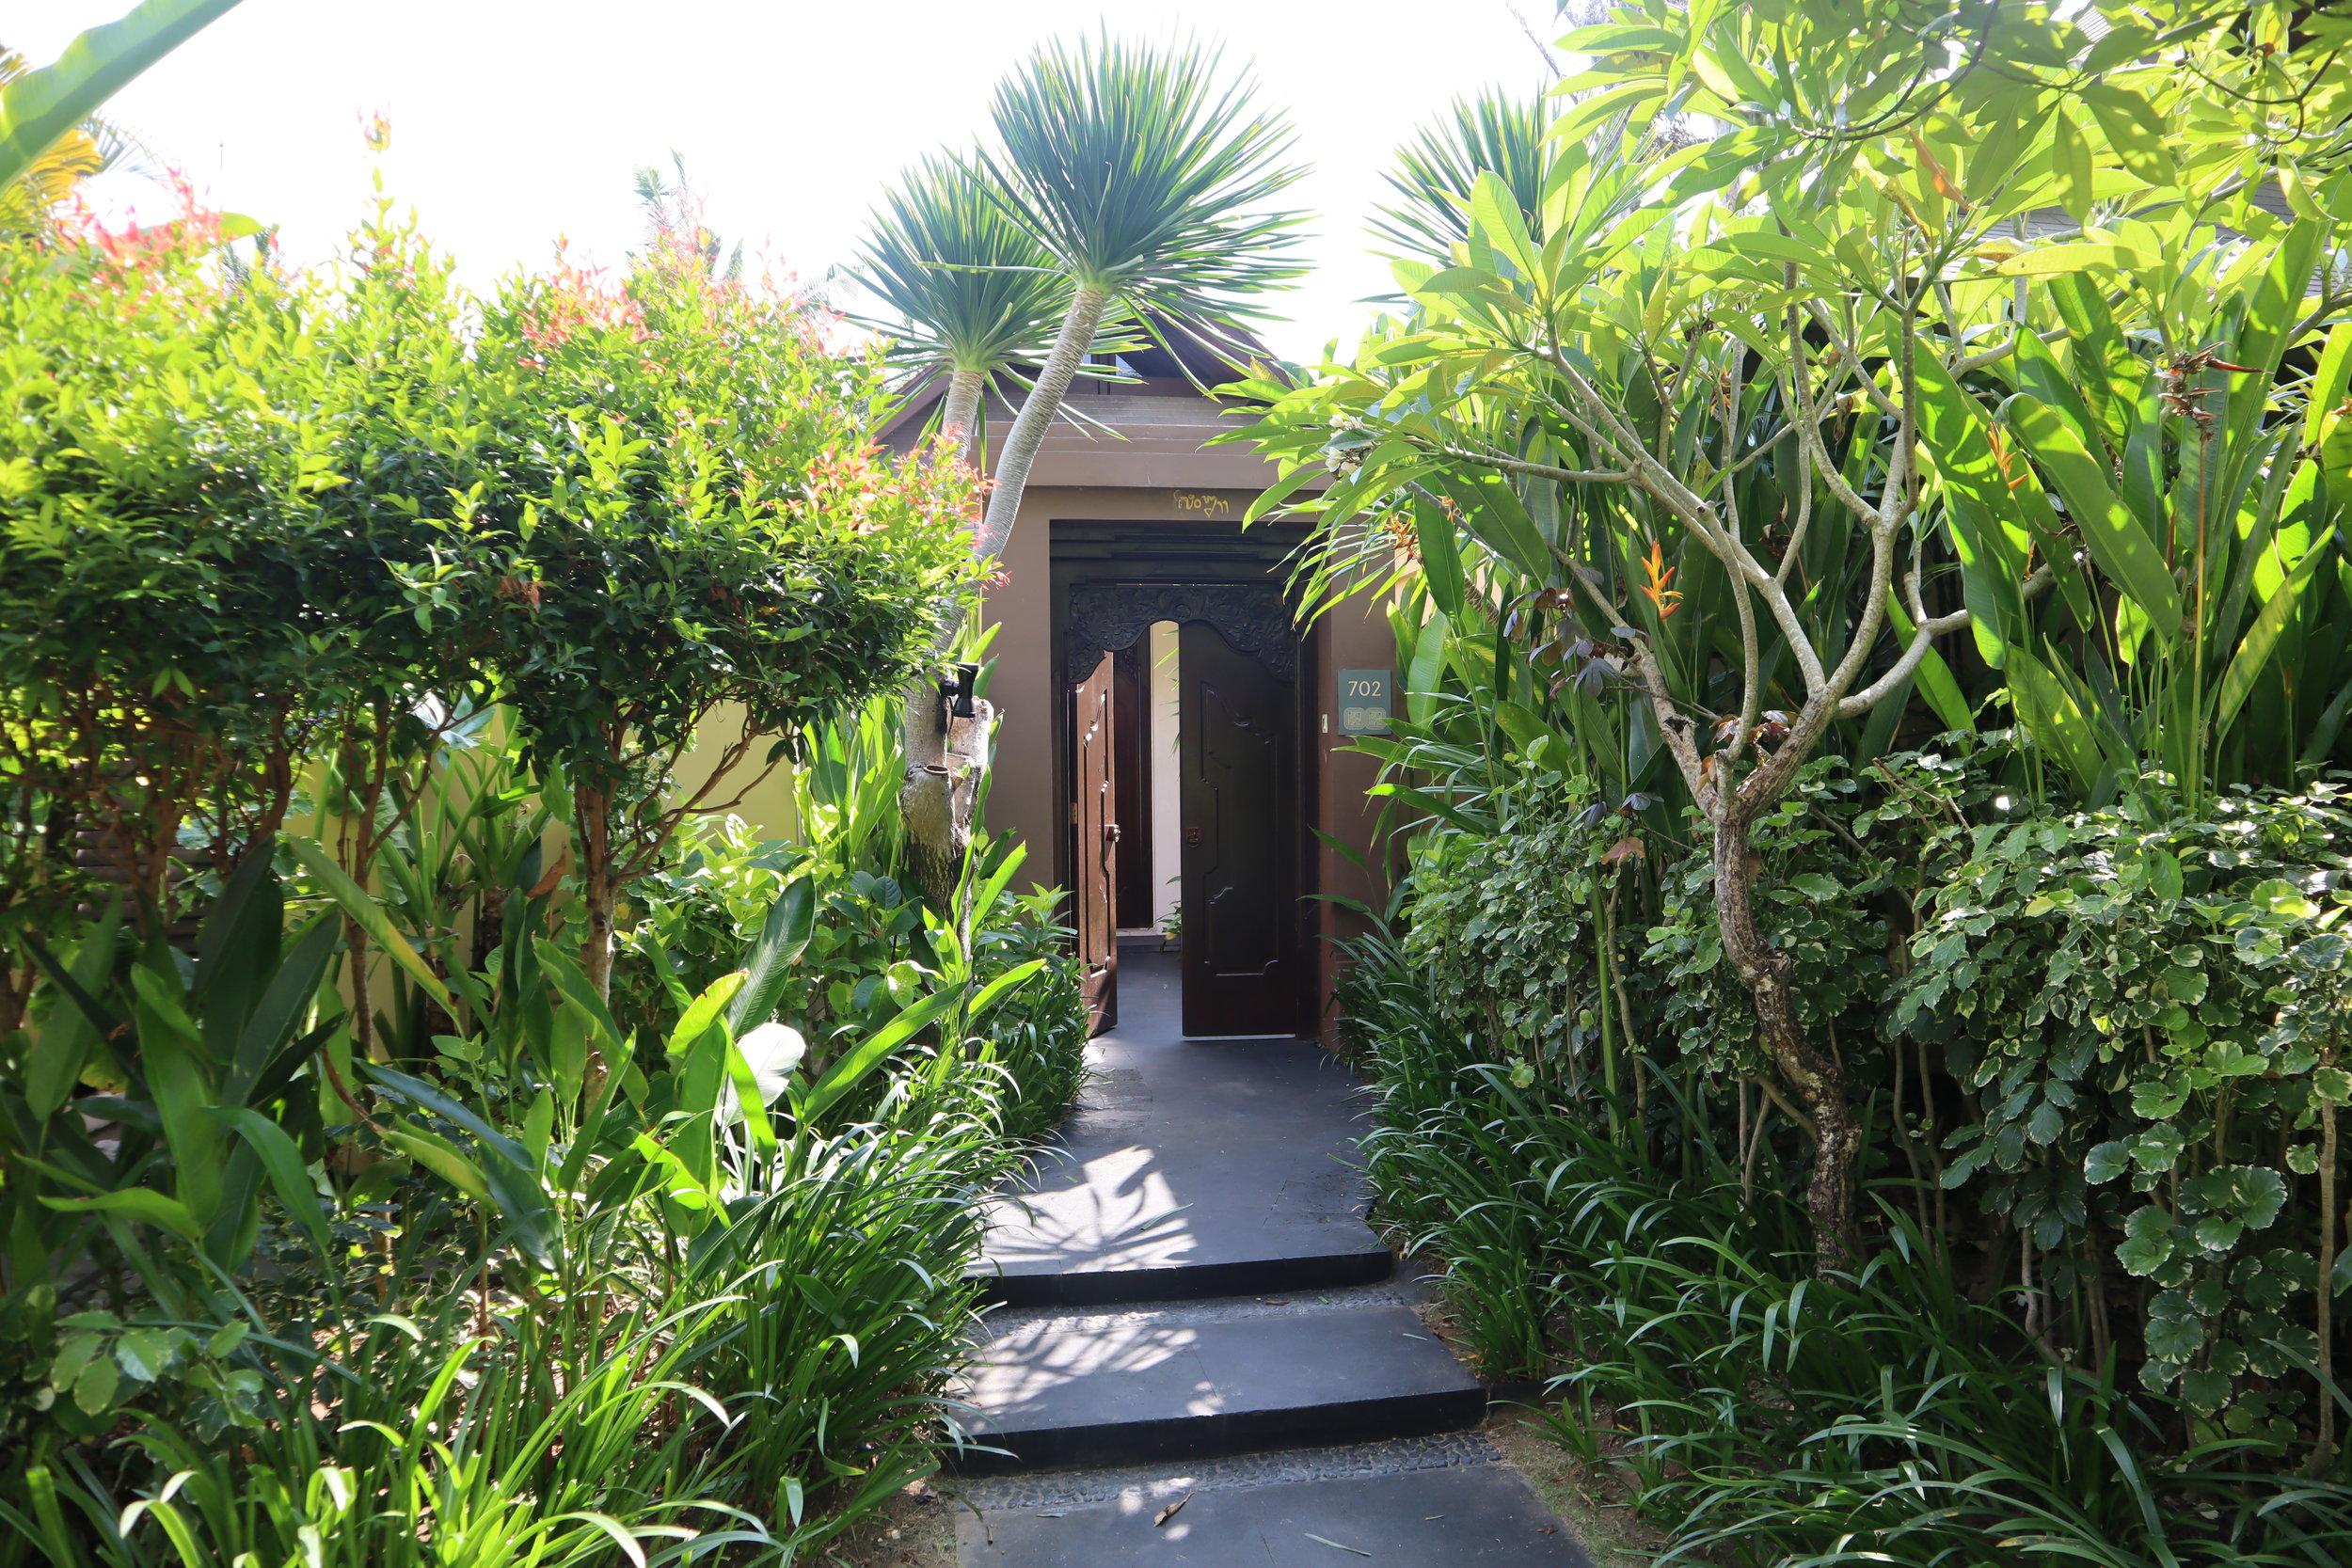 St. Regis Bali – Garden Villa